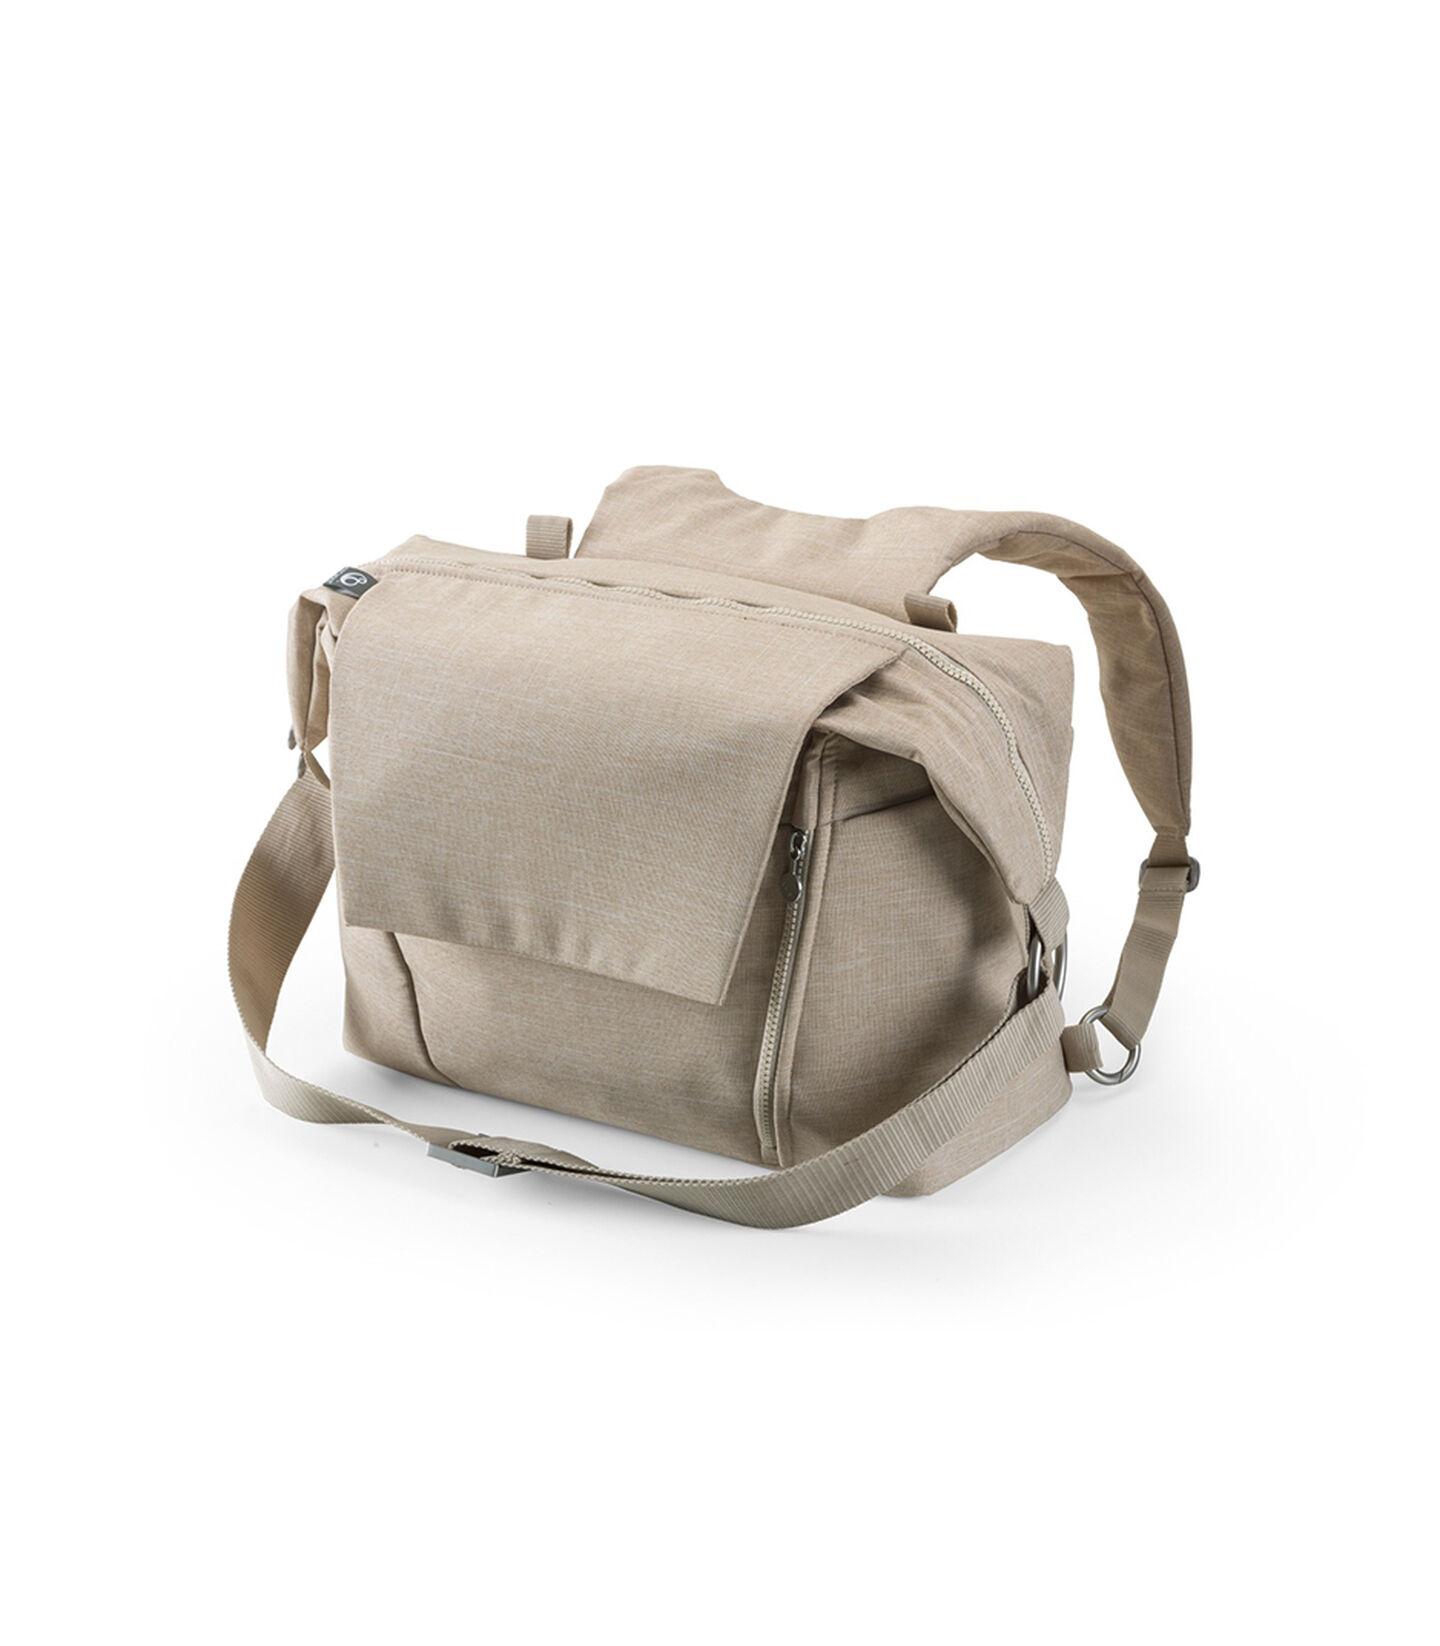 Stokke® Stroller Changing Bag, Beige Melange.